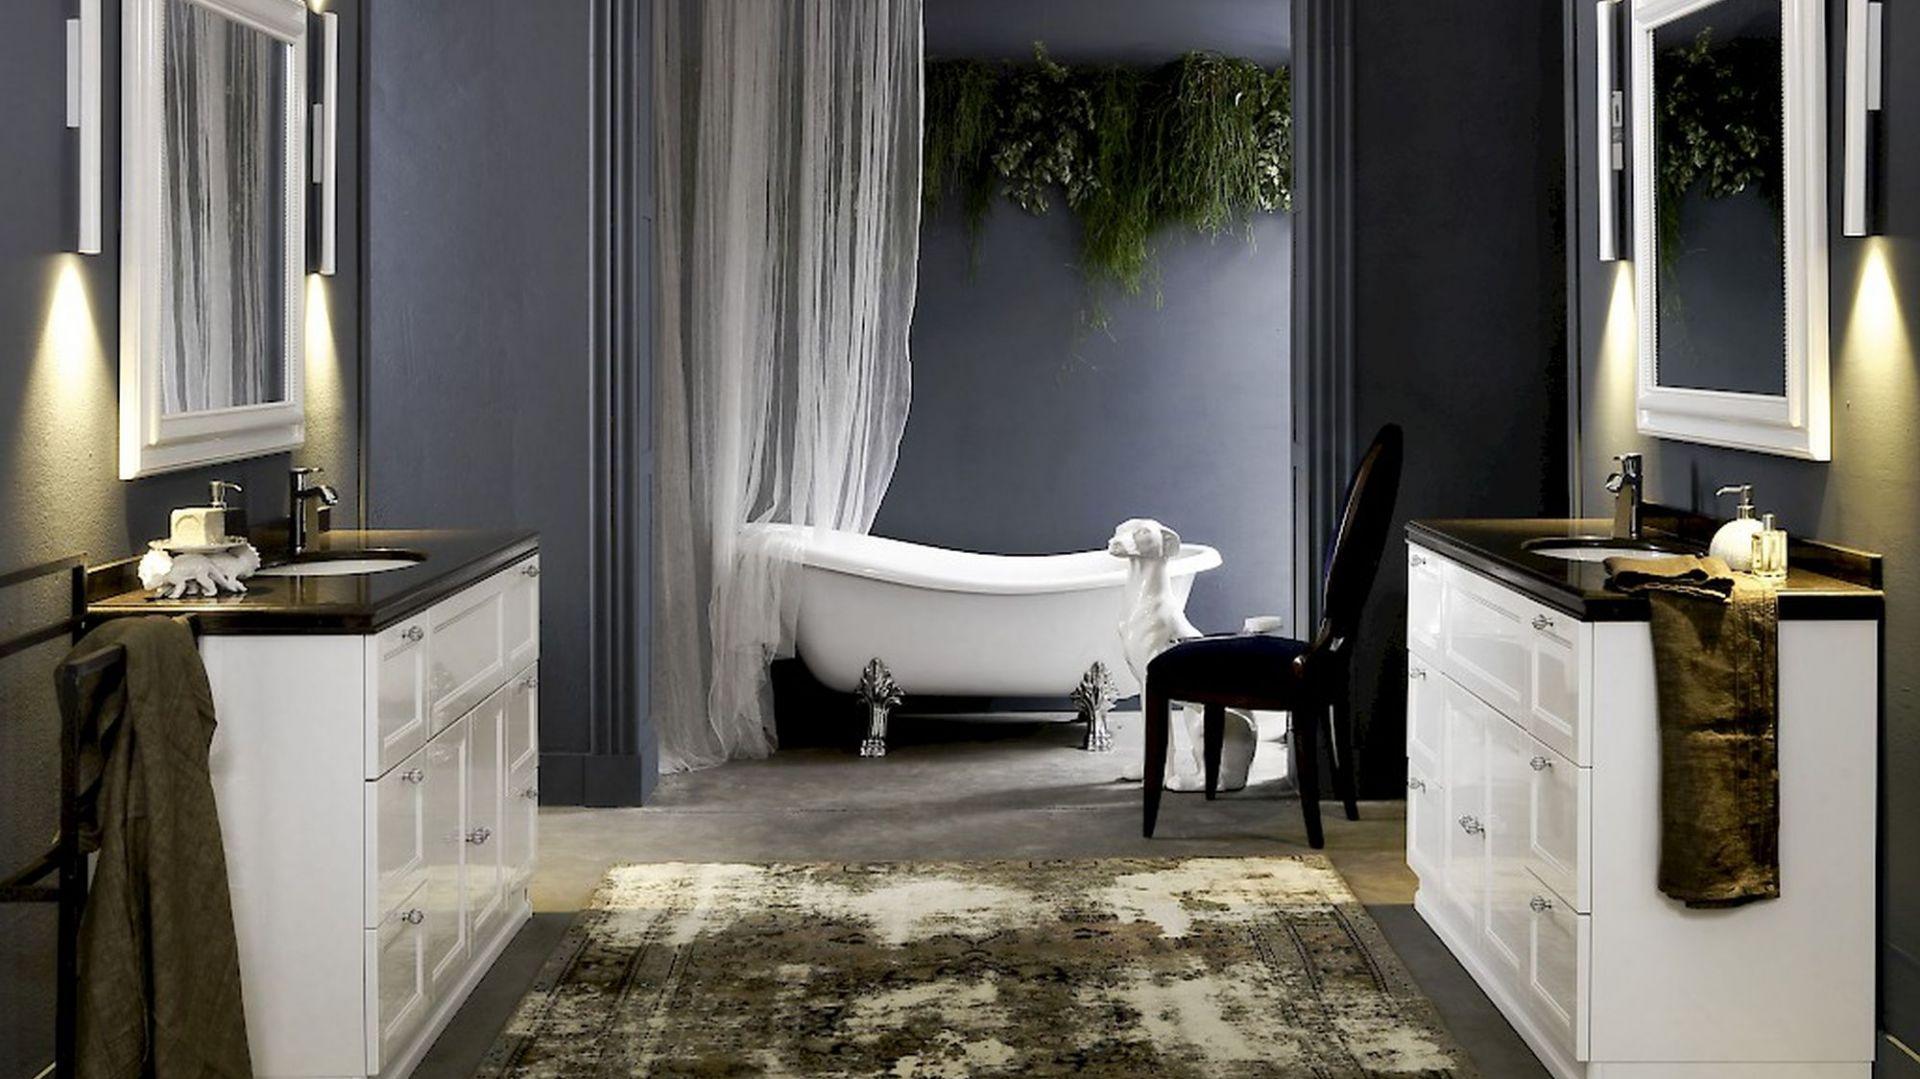 Nowoczesna łazienka - domowe SPA. kolekcja płyt konglomeratowych Noble Athos Brown. Fot. TechniStone